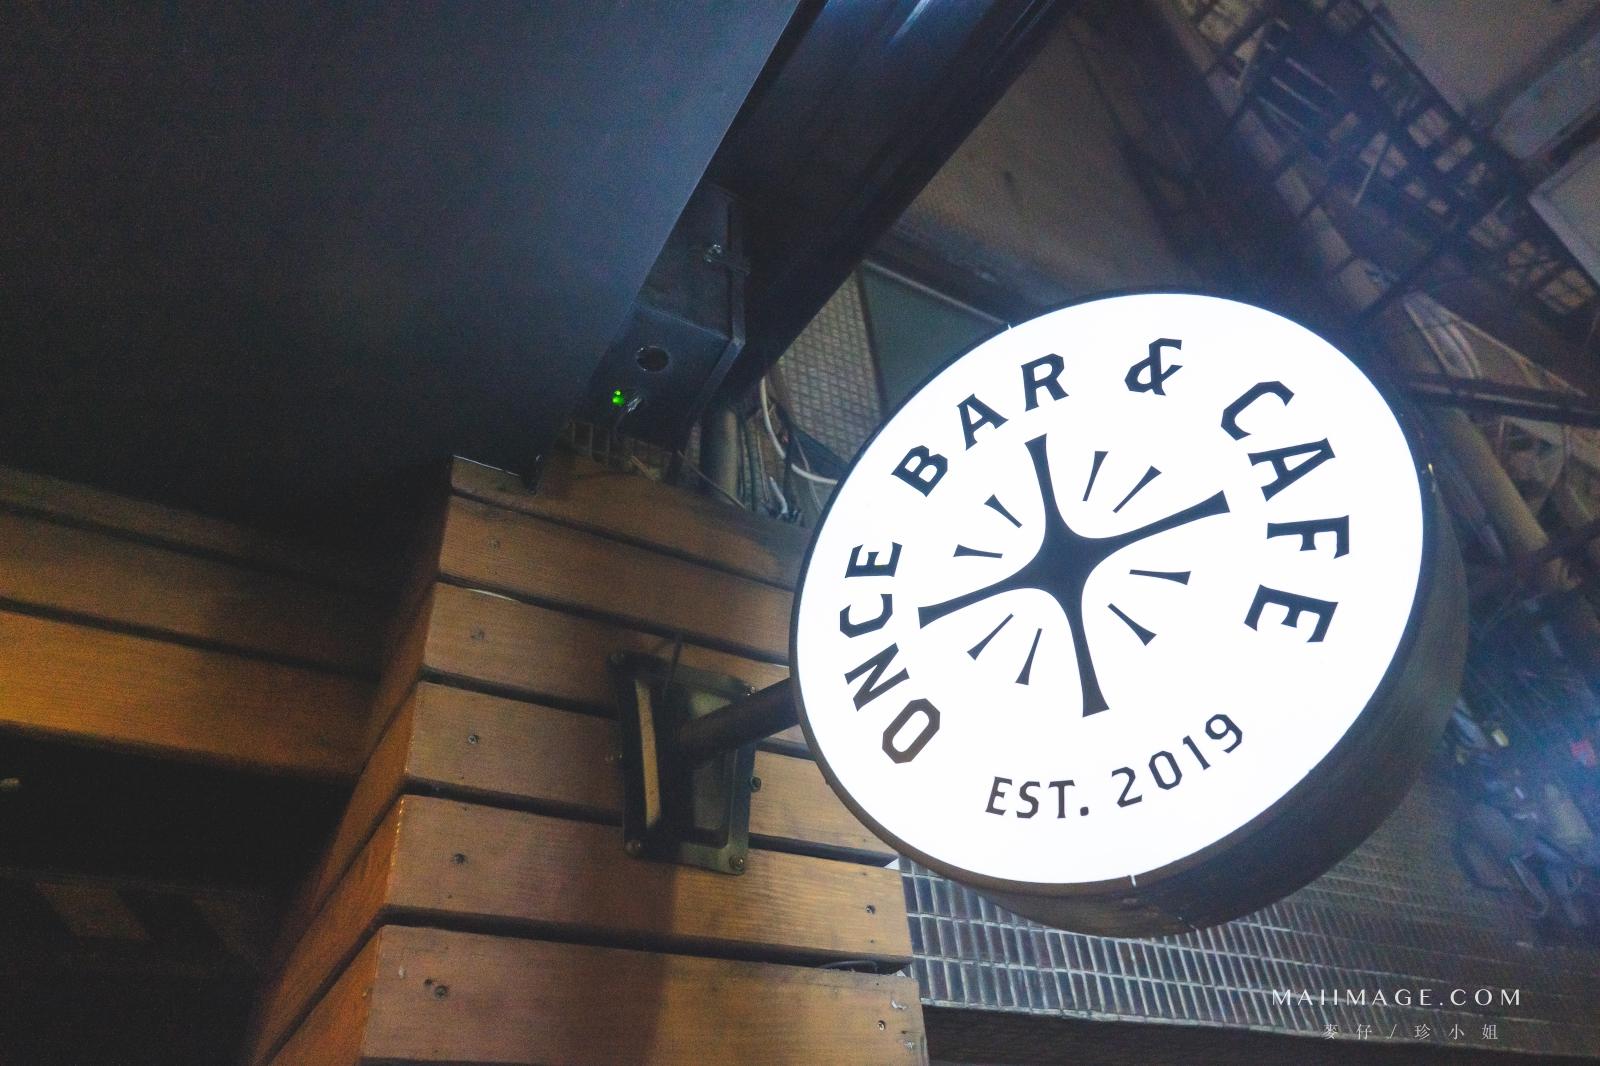 台北酒吧|『ONCE Cafe & Bar』聽說這裡的紅樓夢婆湯必點~玉蘭花香的琴酒你試過嗎|西門町咖啡館、西門町酒吧